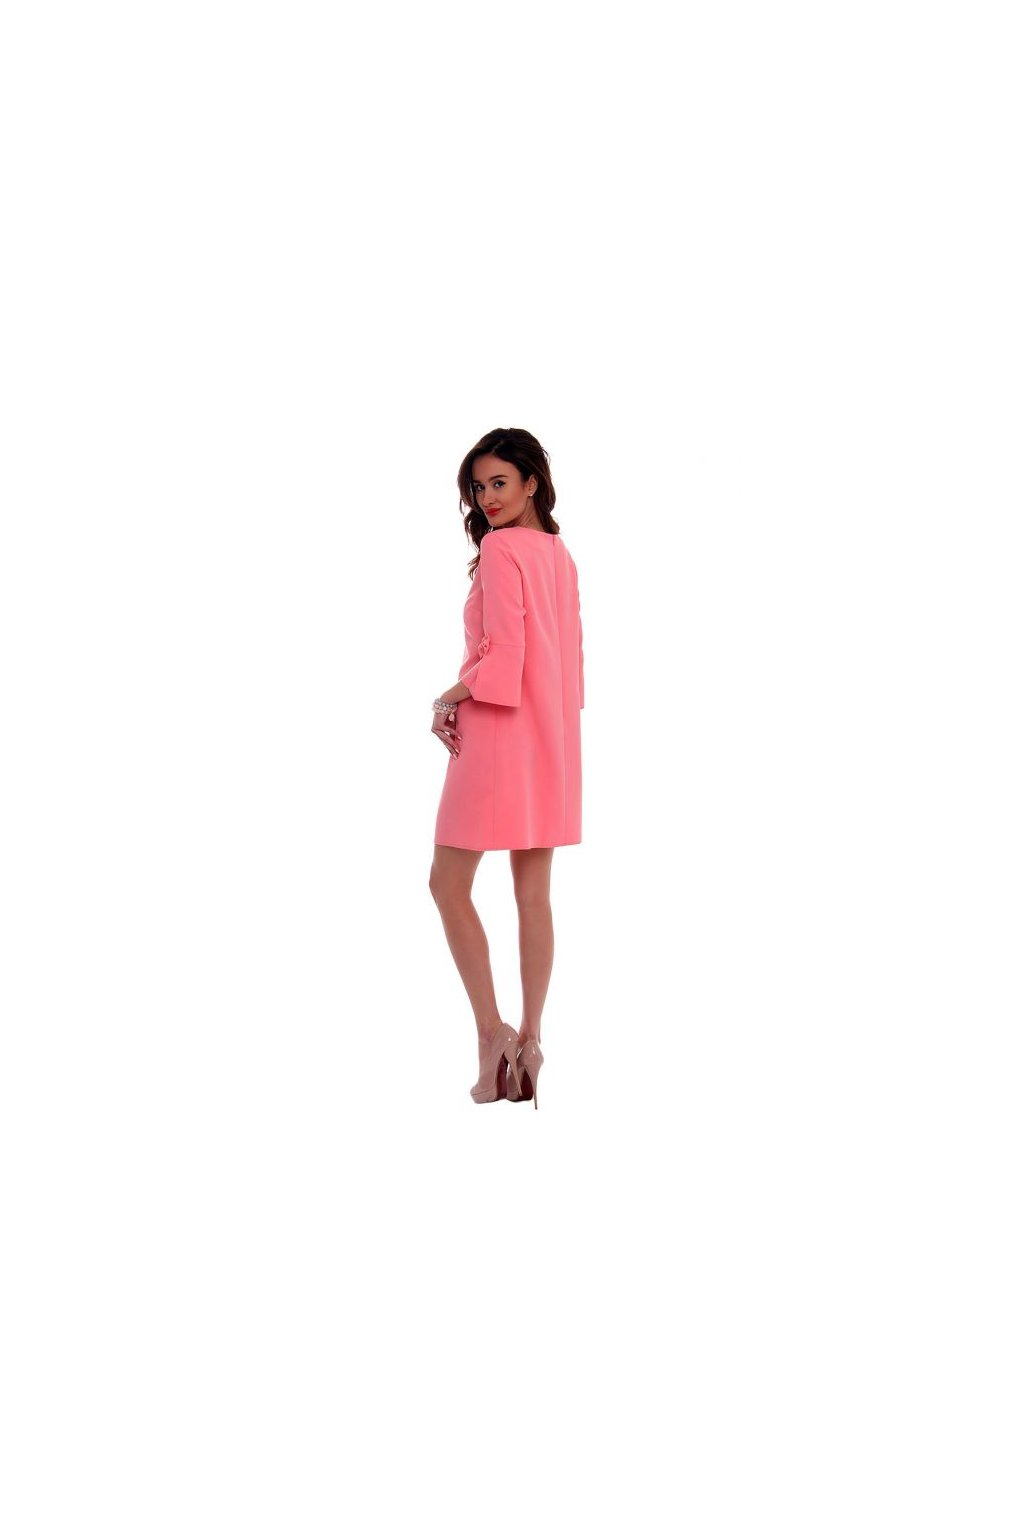 Koktejlové šaty s mašľou CMK409 koralové - Tentation.sk 1295a58a42